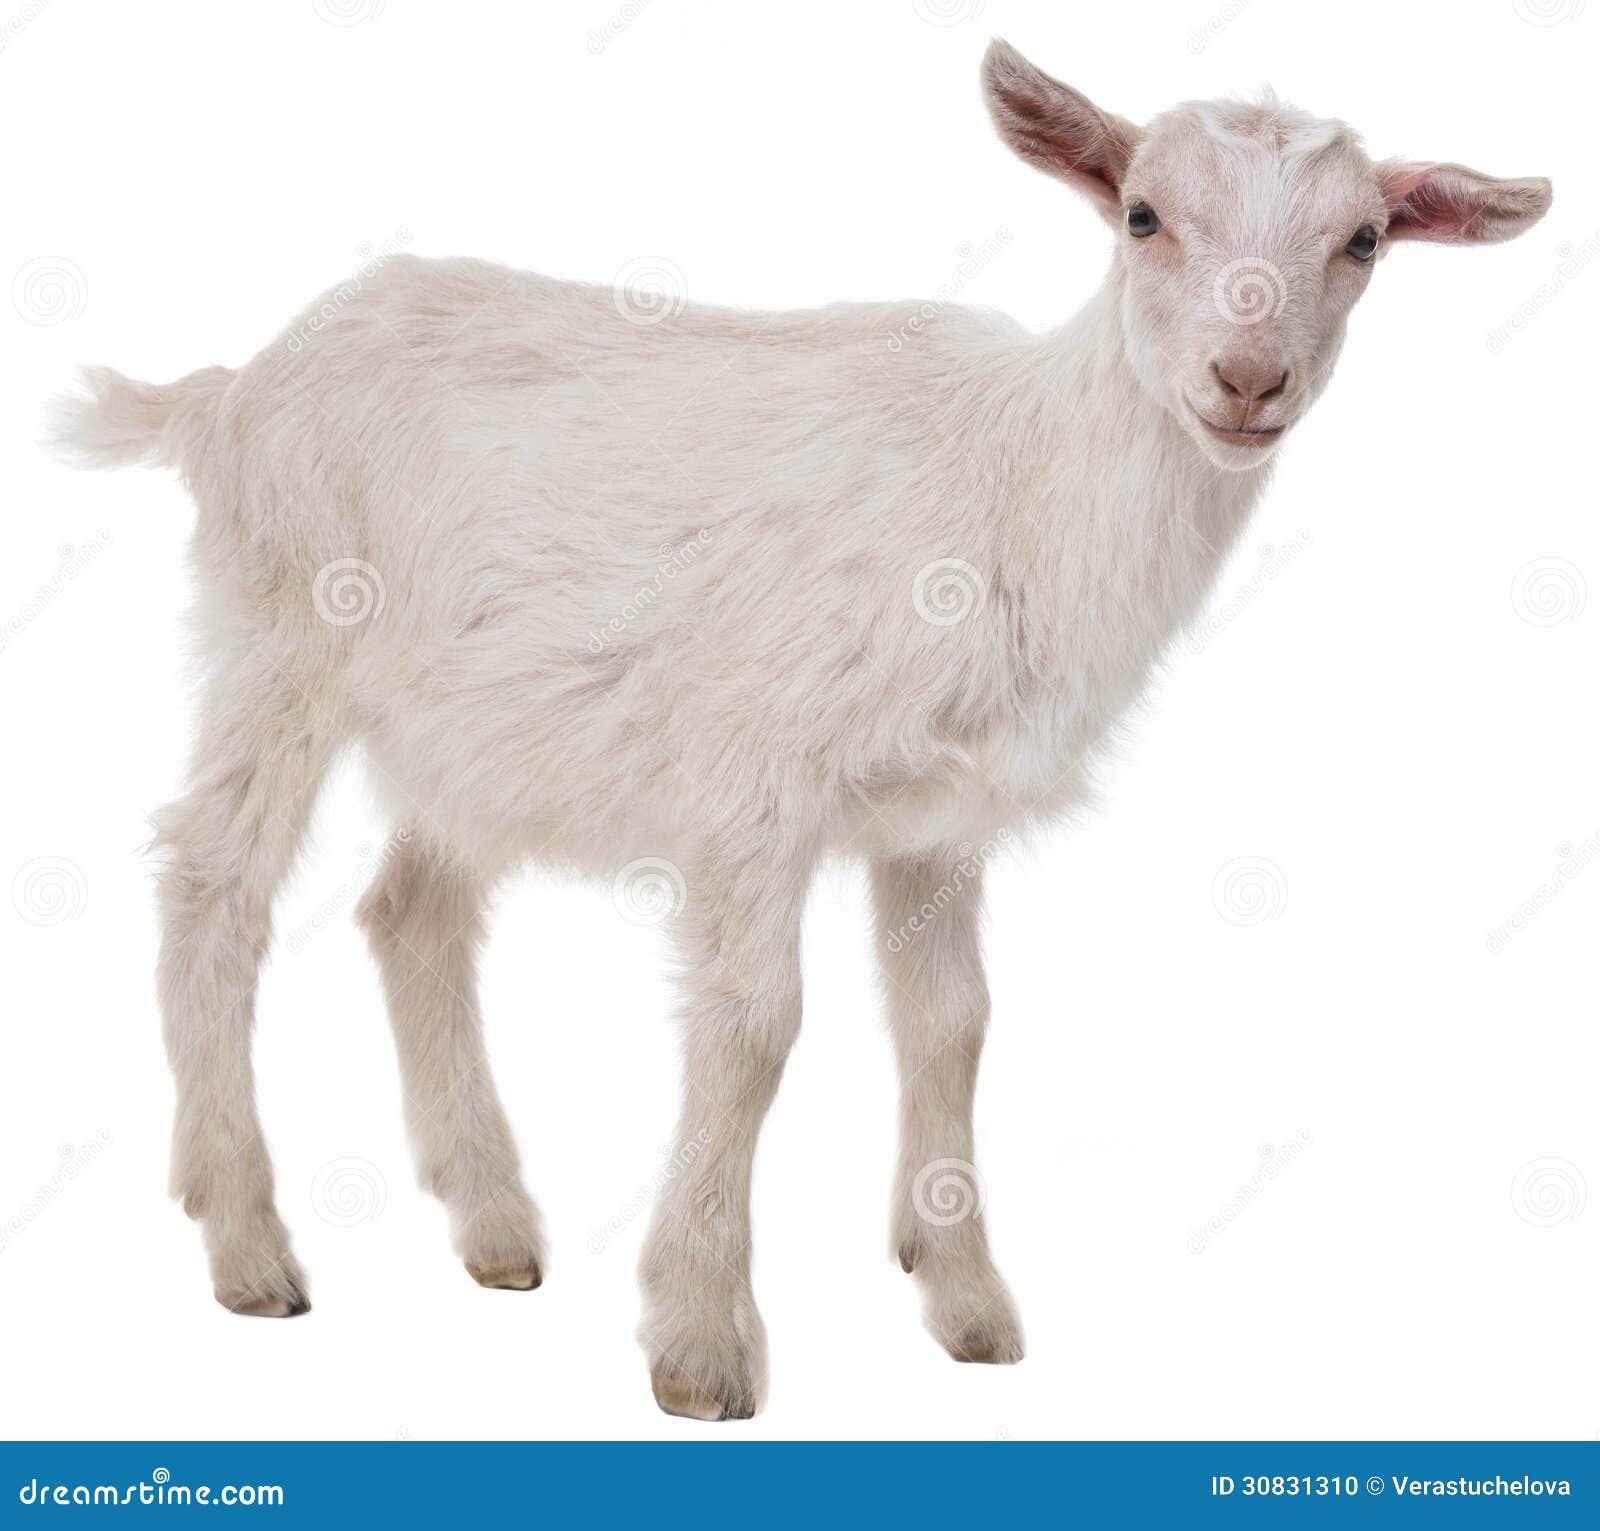 A goat stock photo. Image of goat, seasonal, people, innocence - 30831310  One Goat White Background